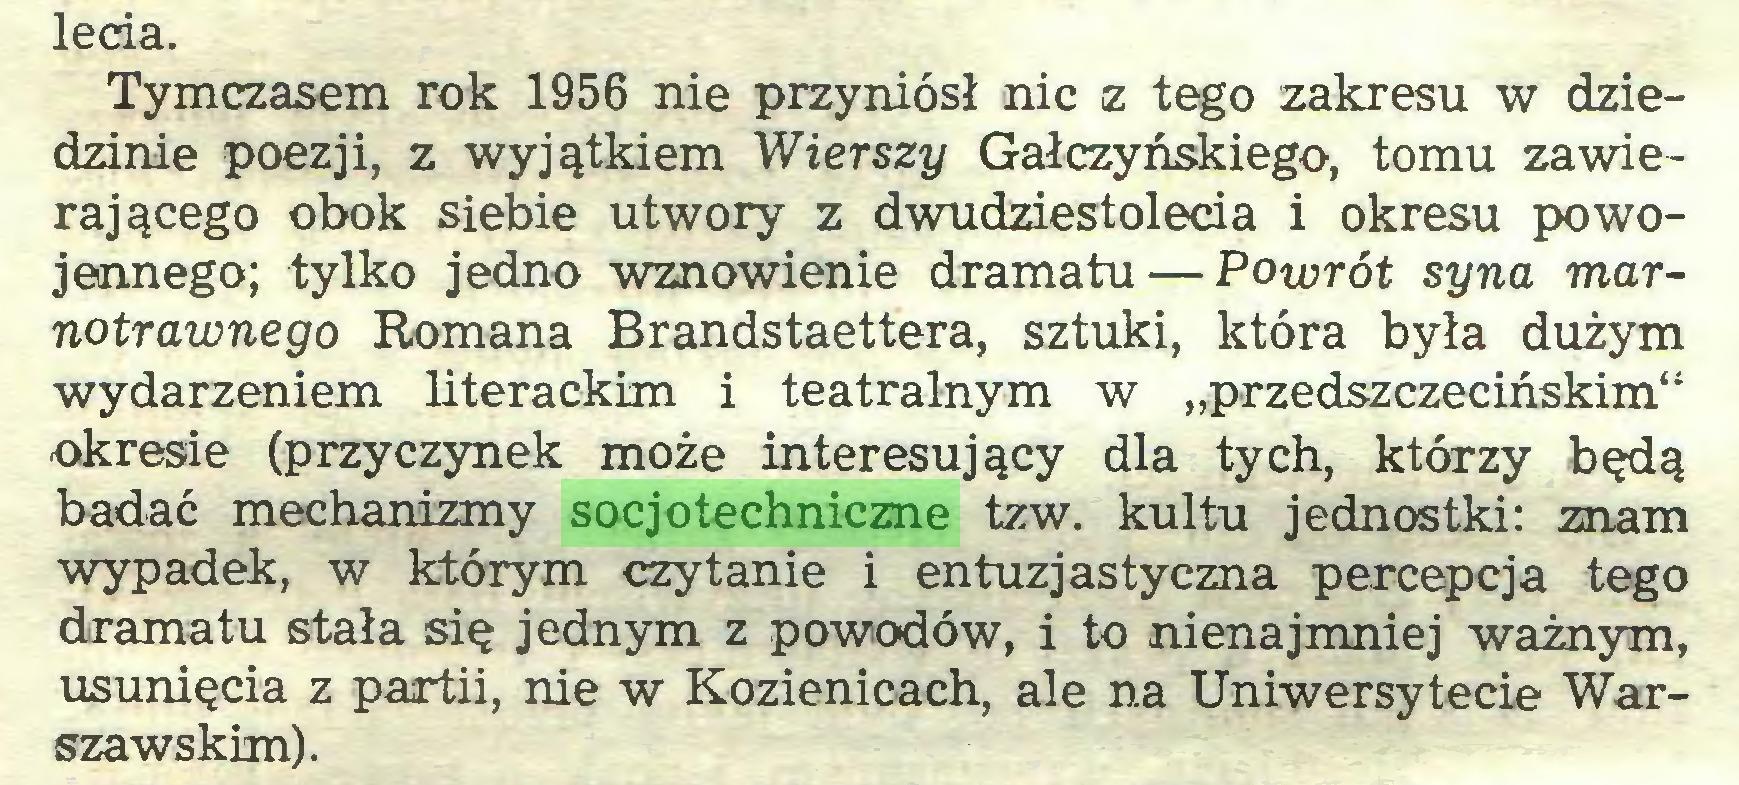 """(...) lecia. Tymczasem rok 1956 nie przyniósł nic z tego zakresu w dziedzinie poezji, z wyjątkiem Wierszy Gałczyńskiego, tomu zawierającego obok siebie utwory z dwudziestolecia i okresu powojennego; tylko jedno wznowienie dramatu — Powrót syna marnotrawnego Romana Brandstaettera, sztuki, która była dużym wydarzeniem literackim i teatralnym w """"przedszczecińskim"""" okresie (przyczynek może interesujący dla tych, którzy będą badać mechanizmy socjotechniczne tzw. kultu jednostki: znam wypadek, w którym czytanie i entuzjastyczna percepcja tego dramatu stała się jednym z powodów, i to nienajmniej ważnym, usunięcia z partii, nie w Kozienicach, ale na Uniwersytecie Warszawskim)..."""